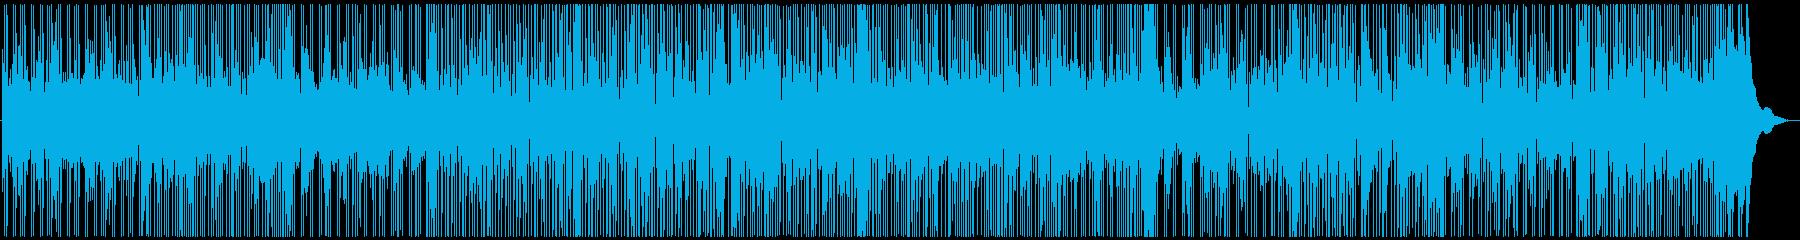 スローファンクのピアノBGMの再生済みの波形